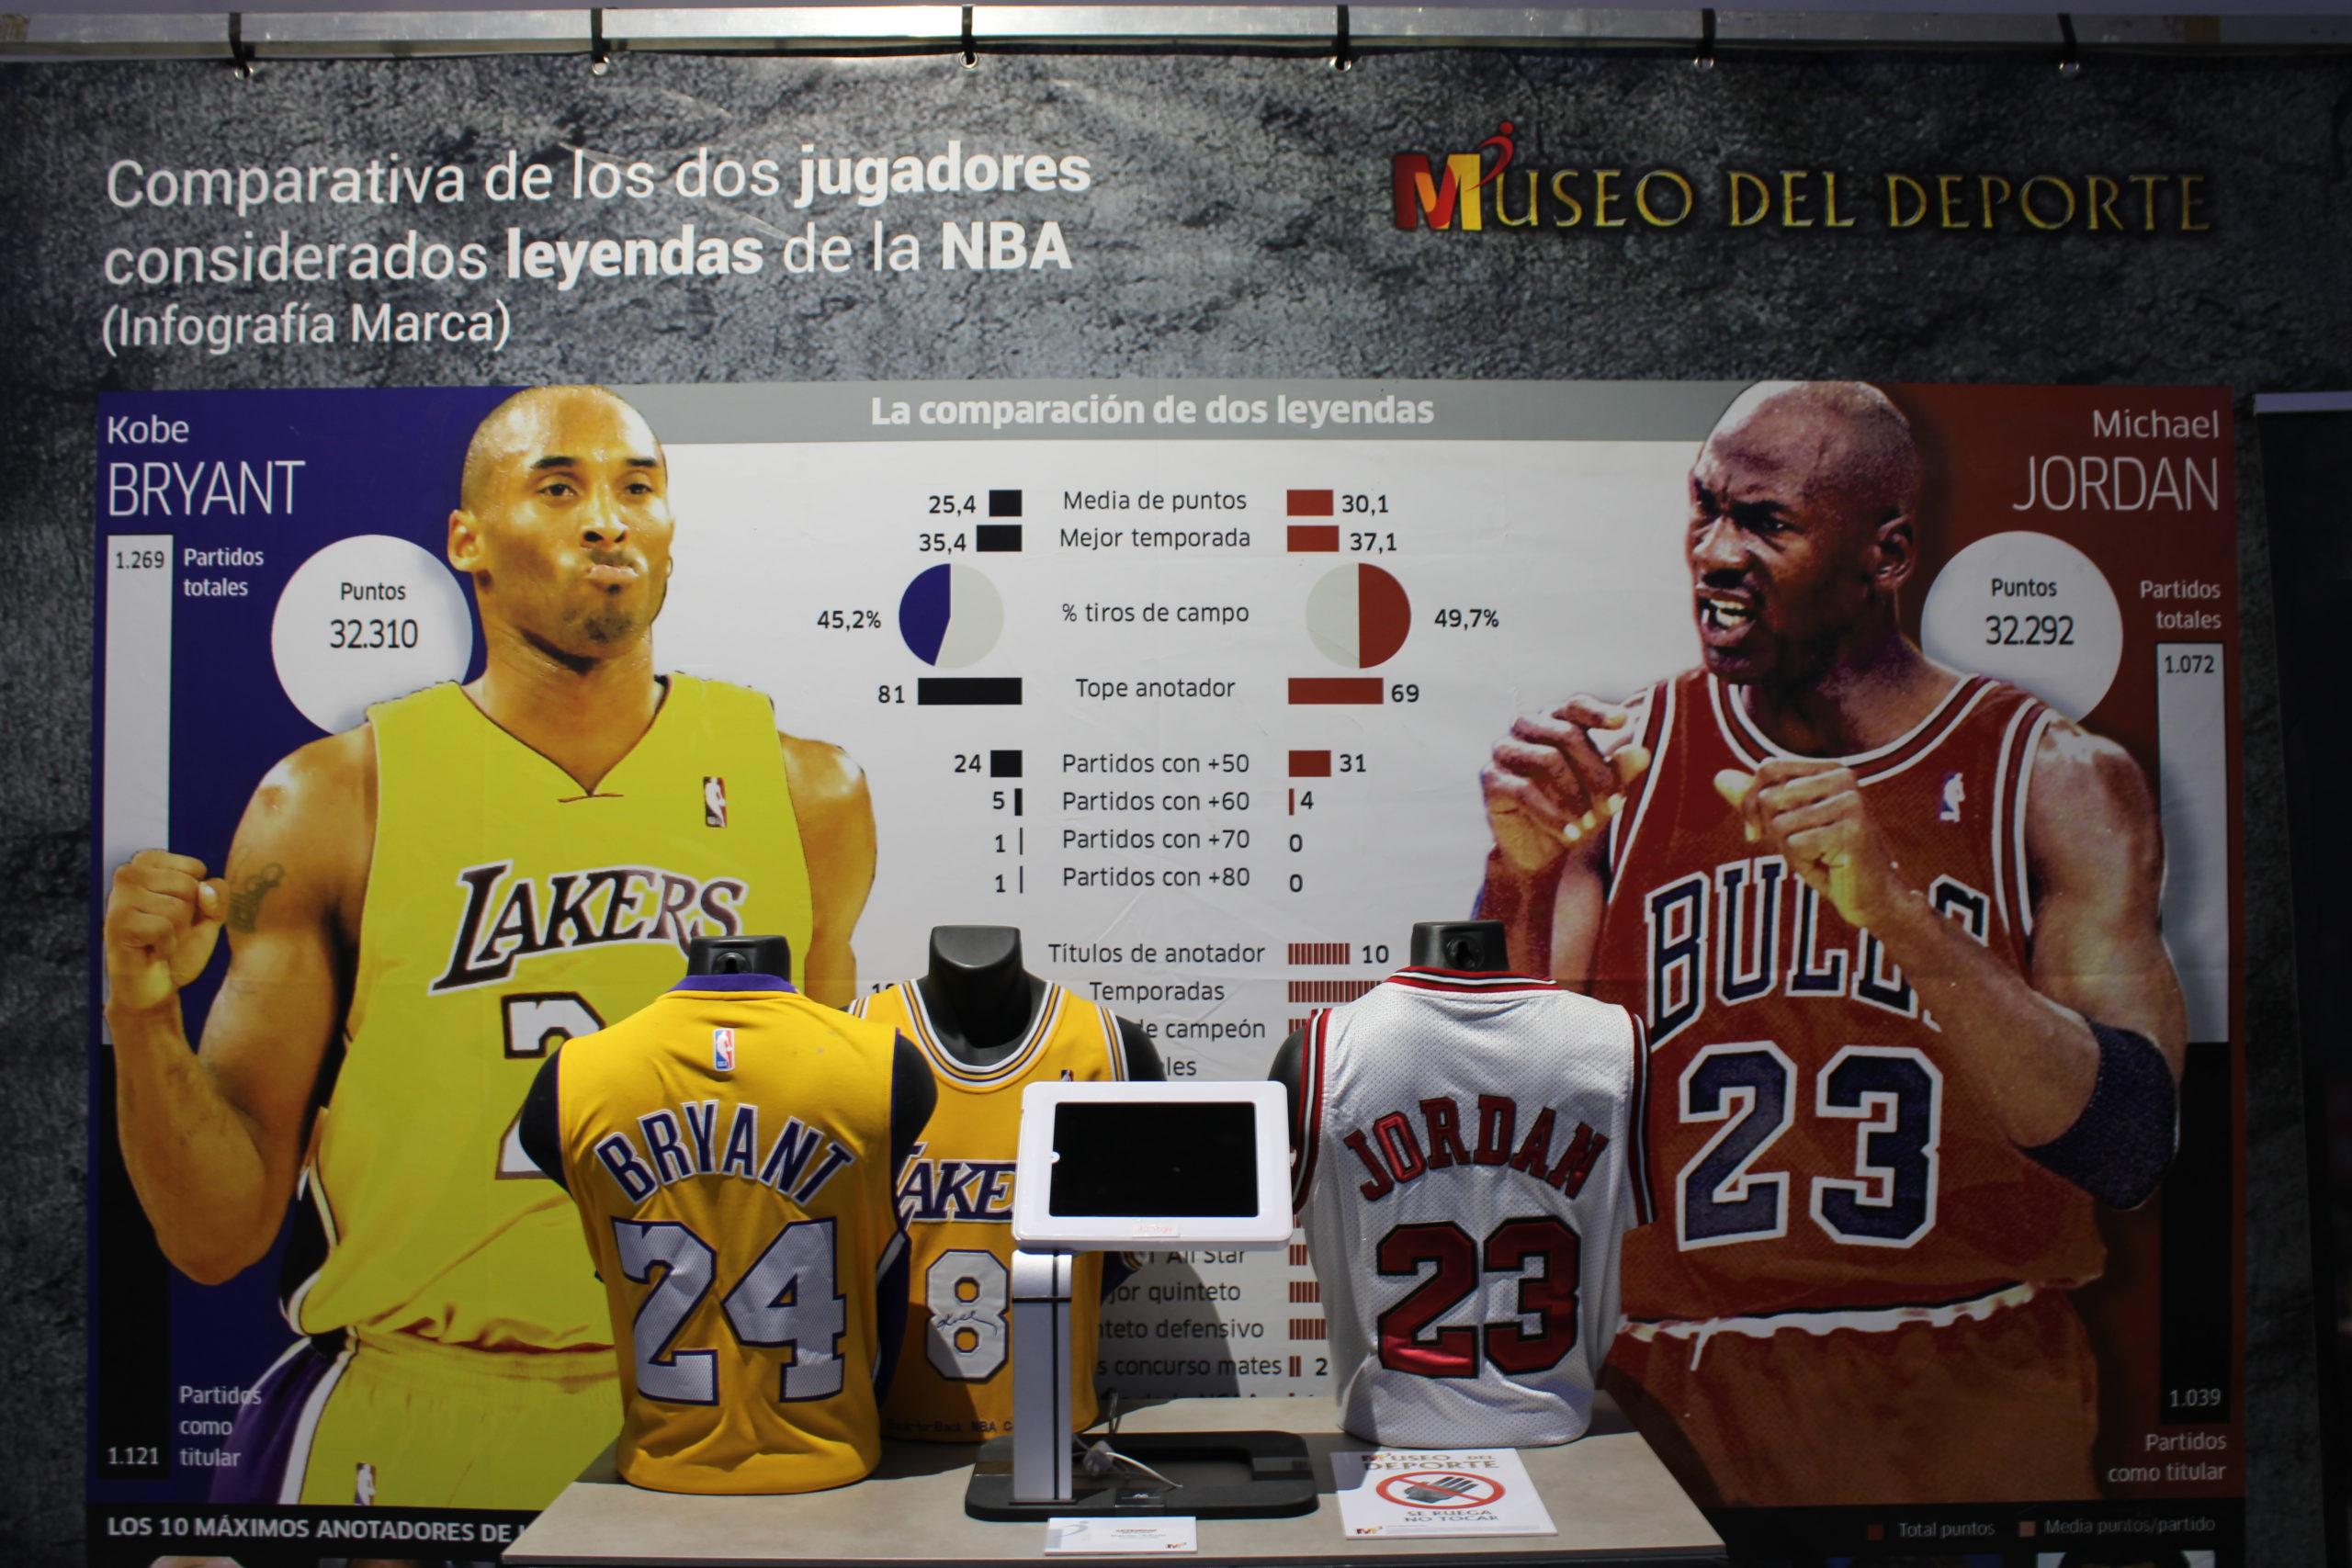 leyendas del deporte muestra